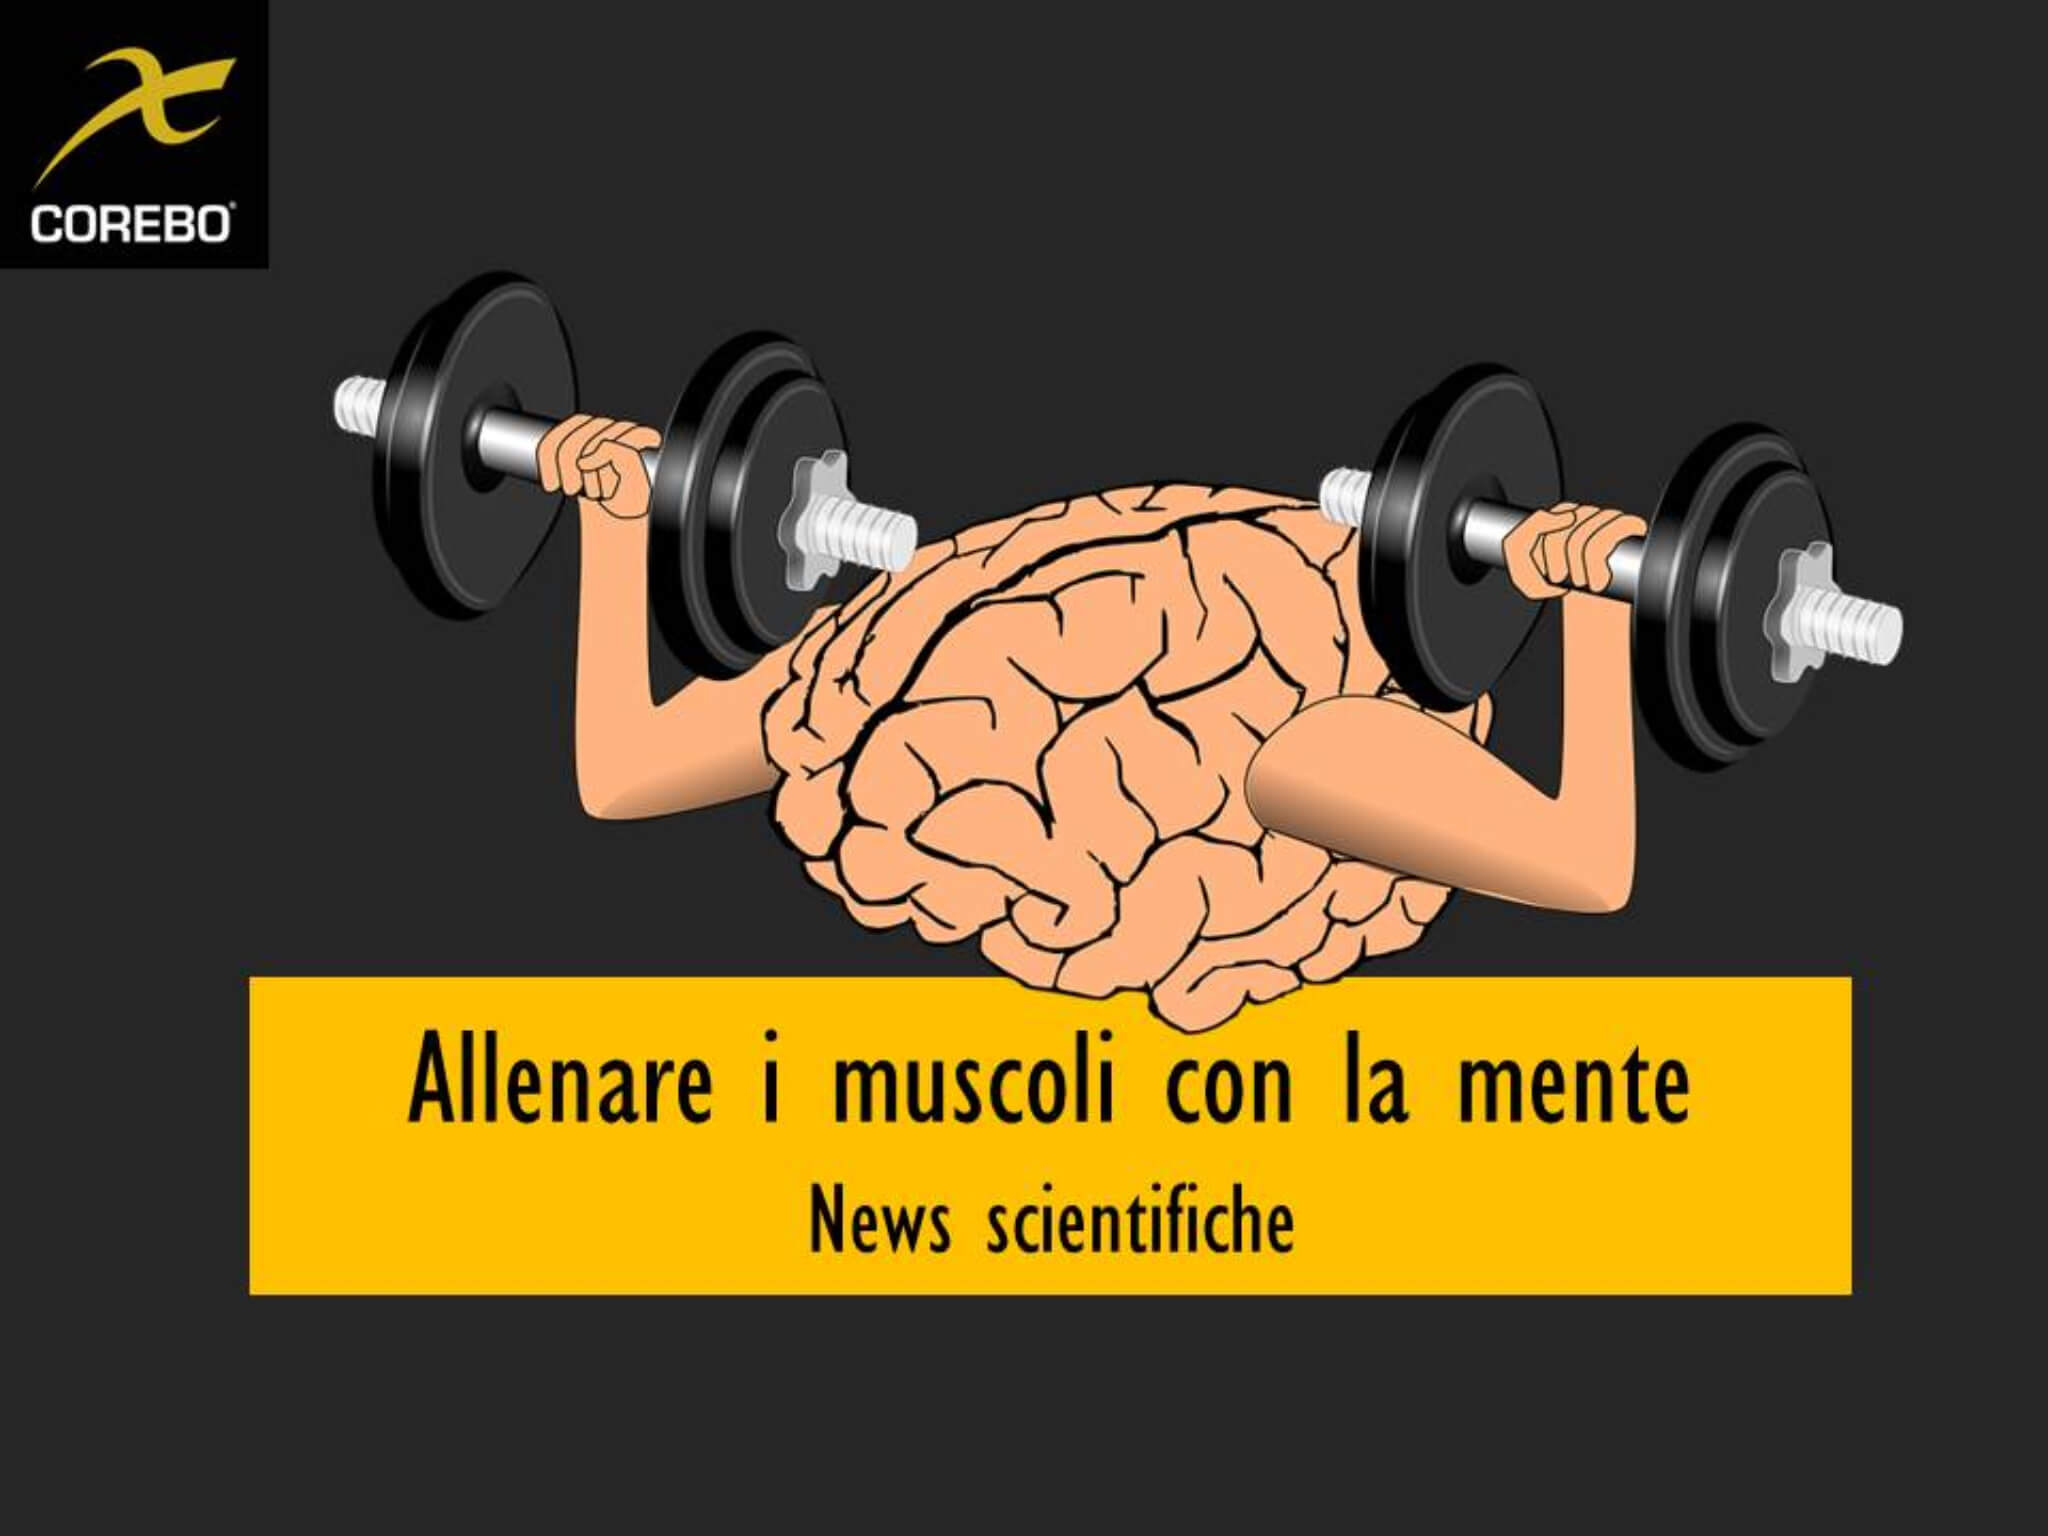 Allenare i muscoli con la mente